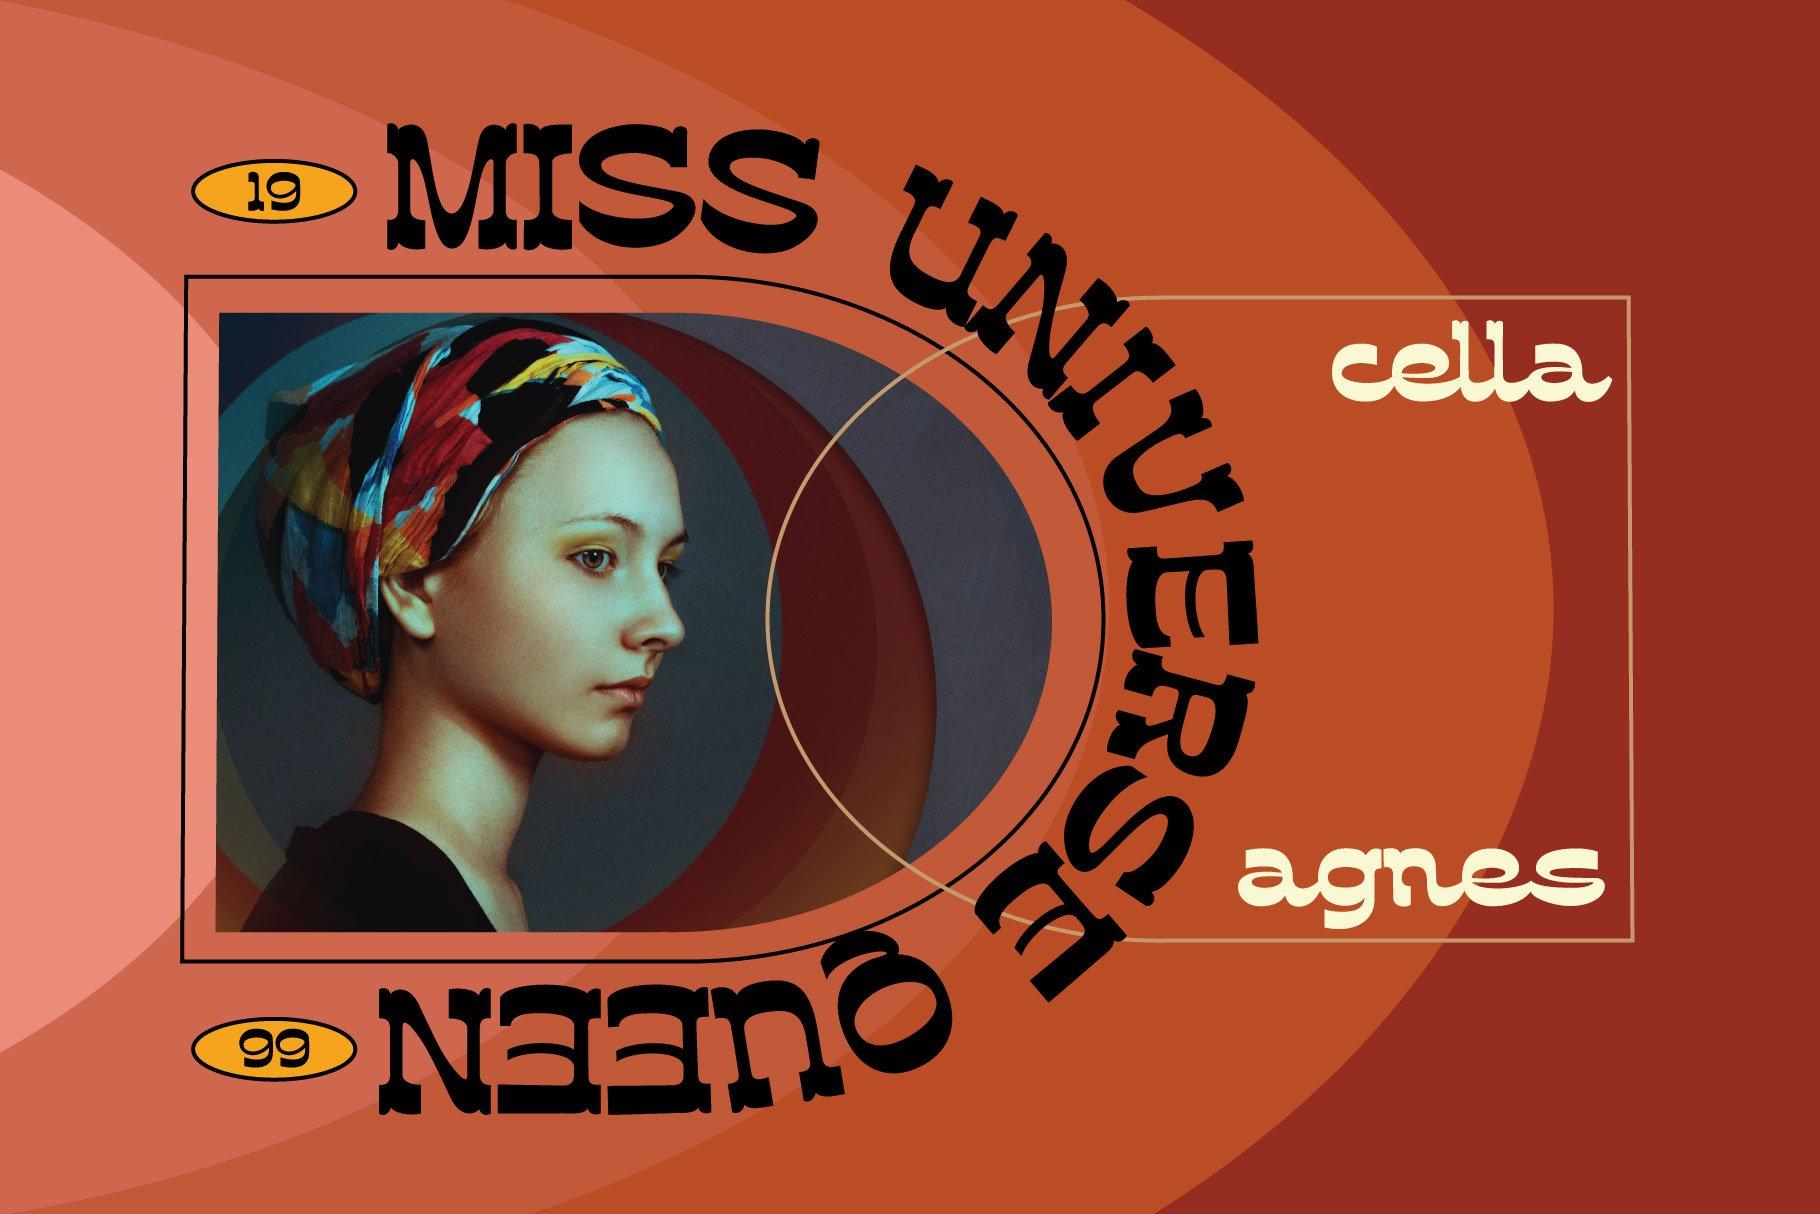 [单独购买] 潮流复古酸性逆反差海报标题Logo设计衬线英文字体素材 Assox Typeface插图3